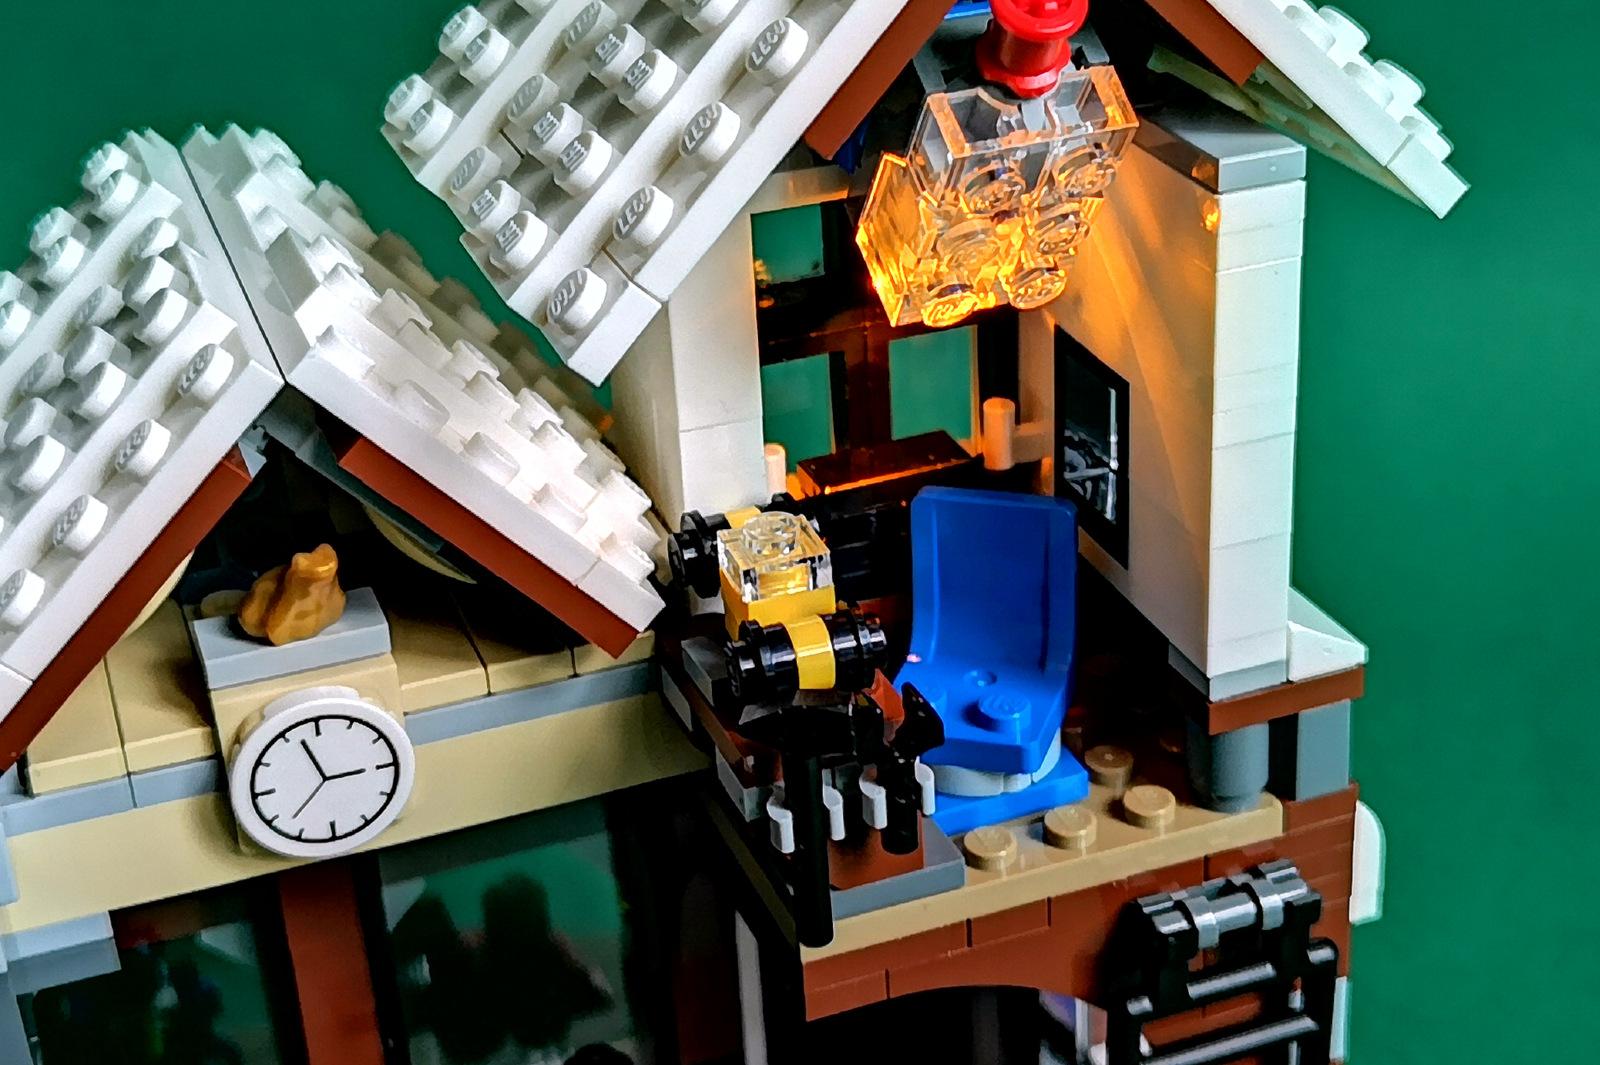 10249 LEGO Lichtstein Funktion